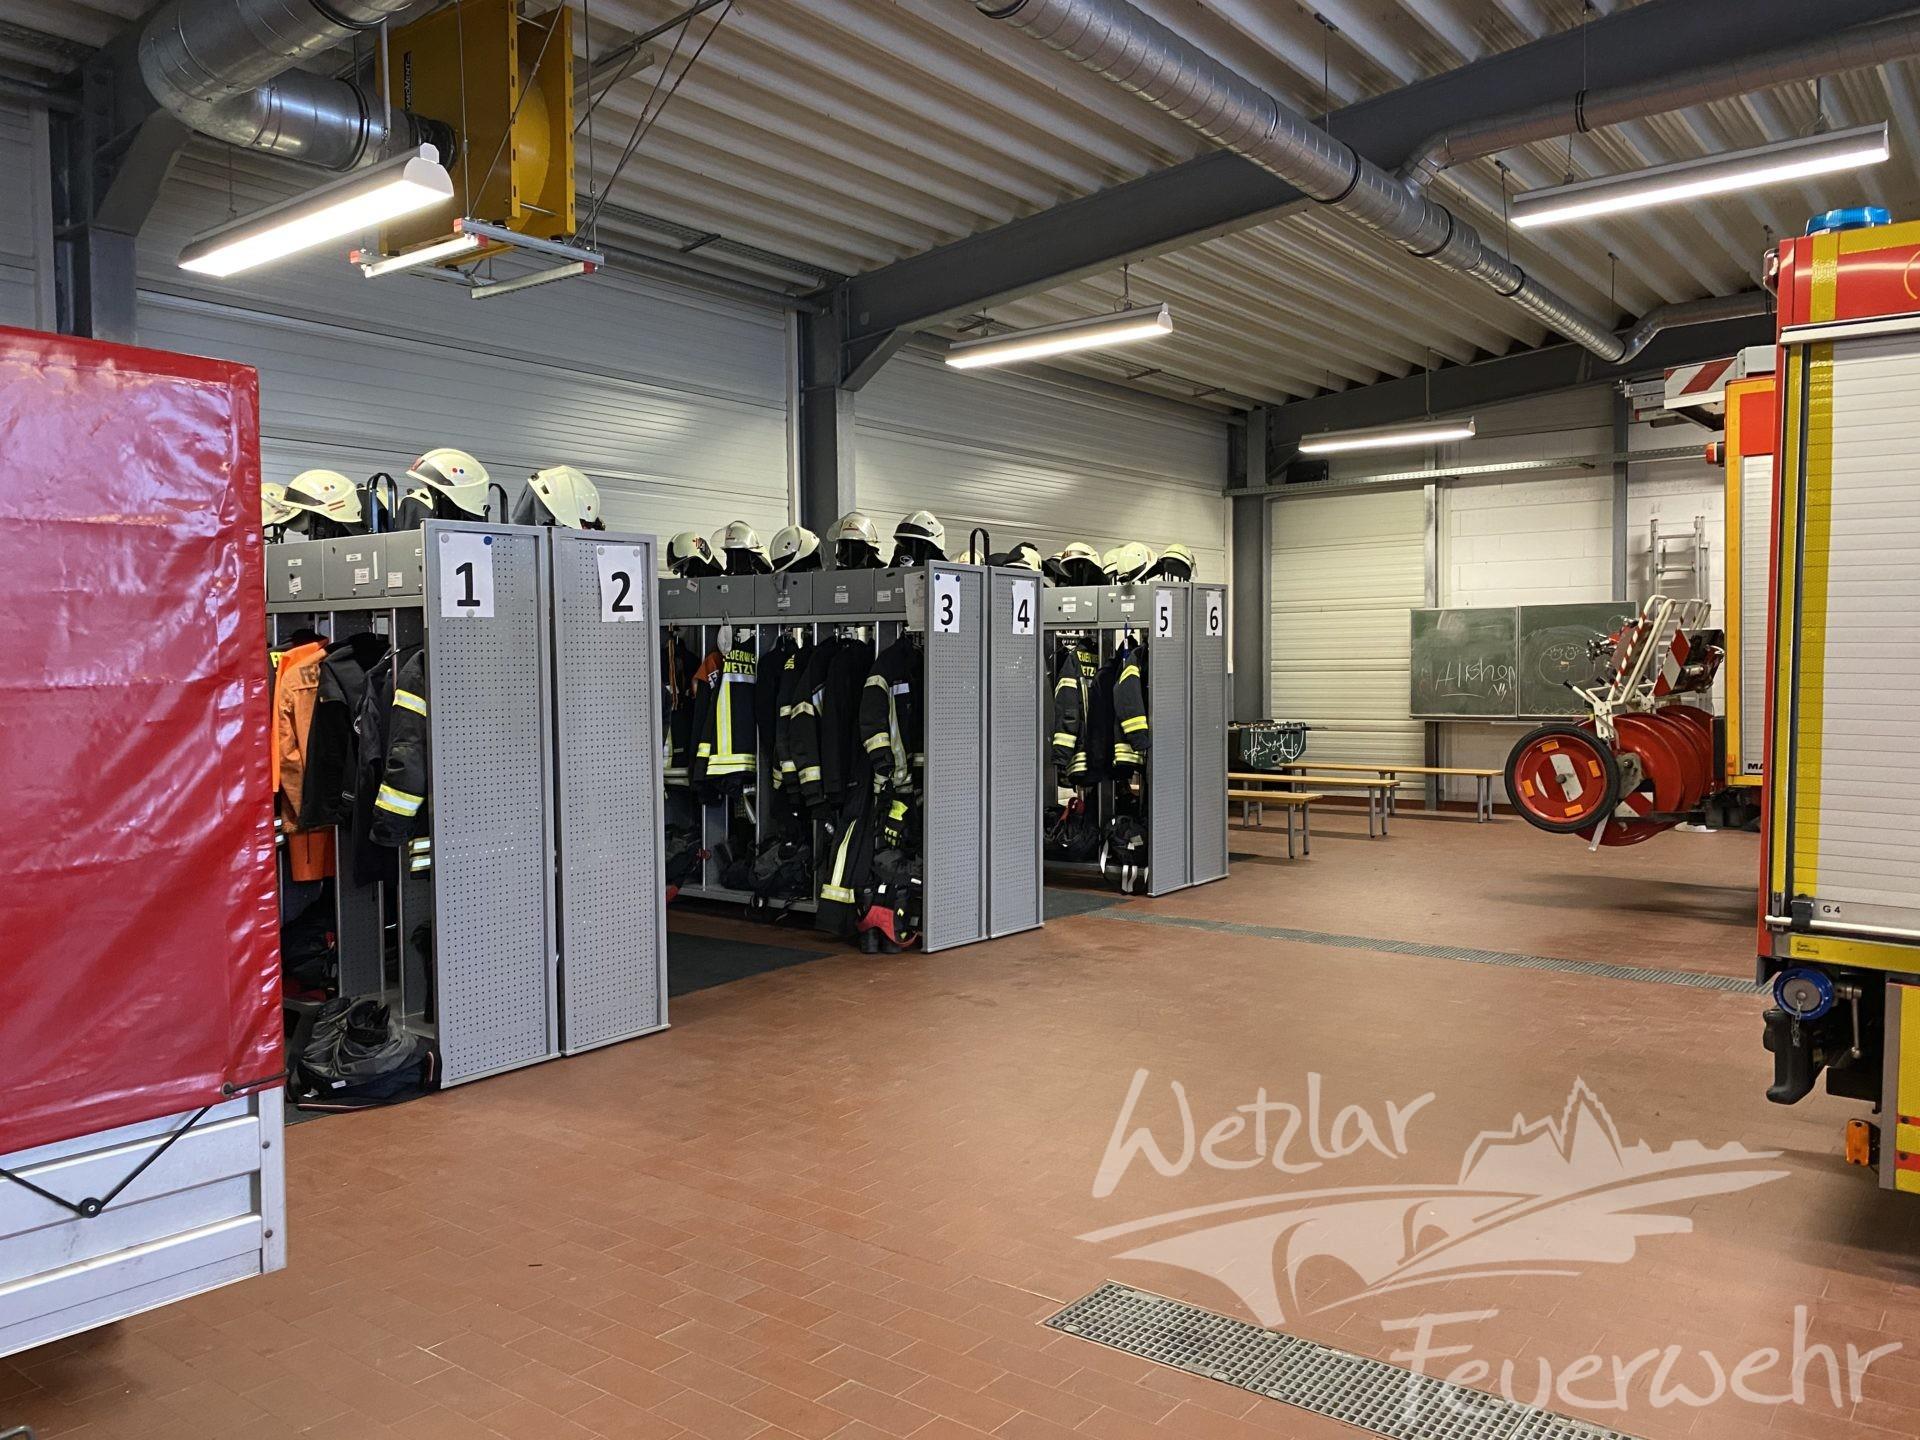 Vorübergehend in die Fahrzeughalle ausquartiert, die Umkleide der männlichen Einsatzkräfte.